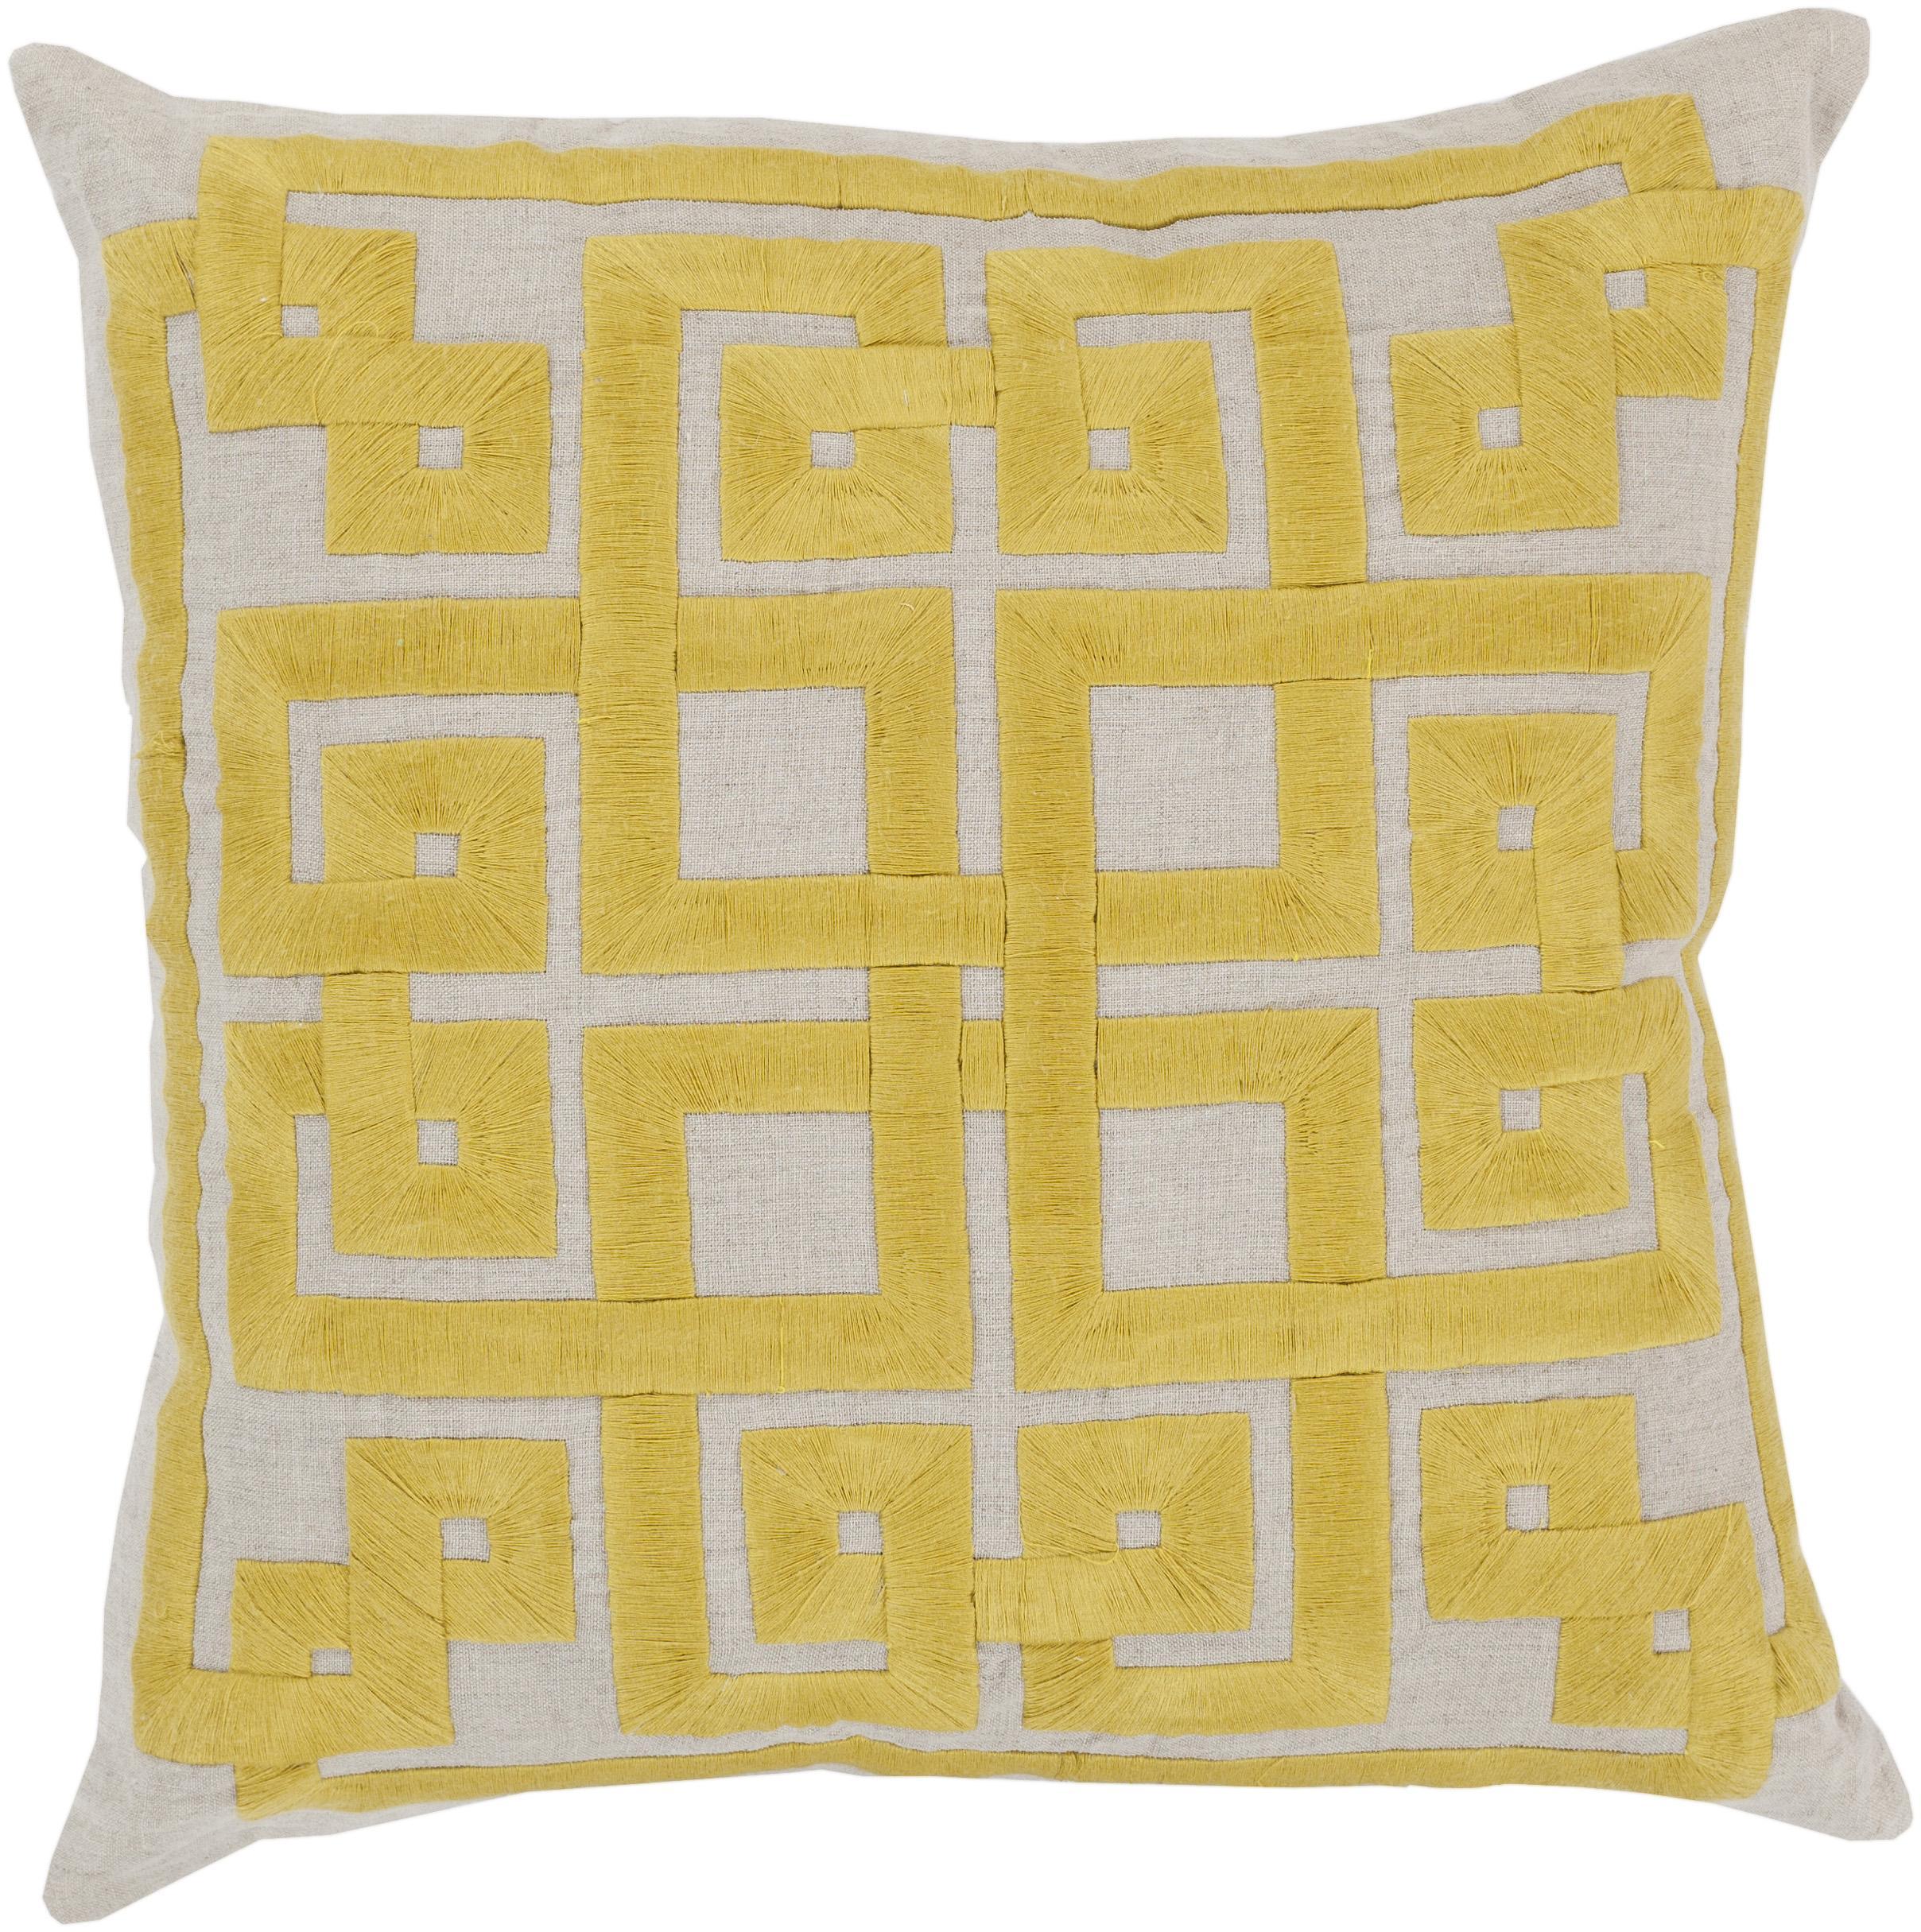 """Surya Rugs Pillows 22"""" x 22"""" Pillow - Item Number: LD005-2222P"""